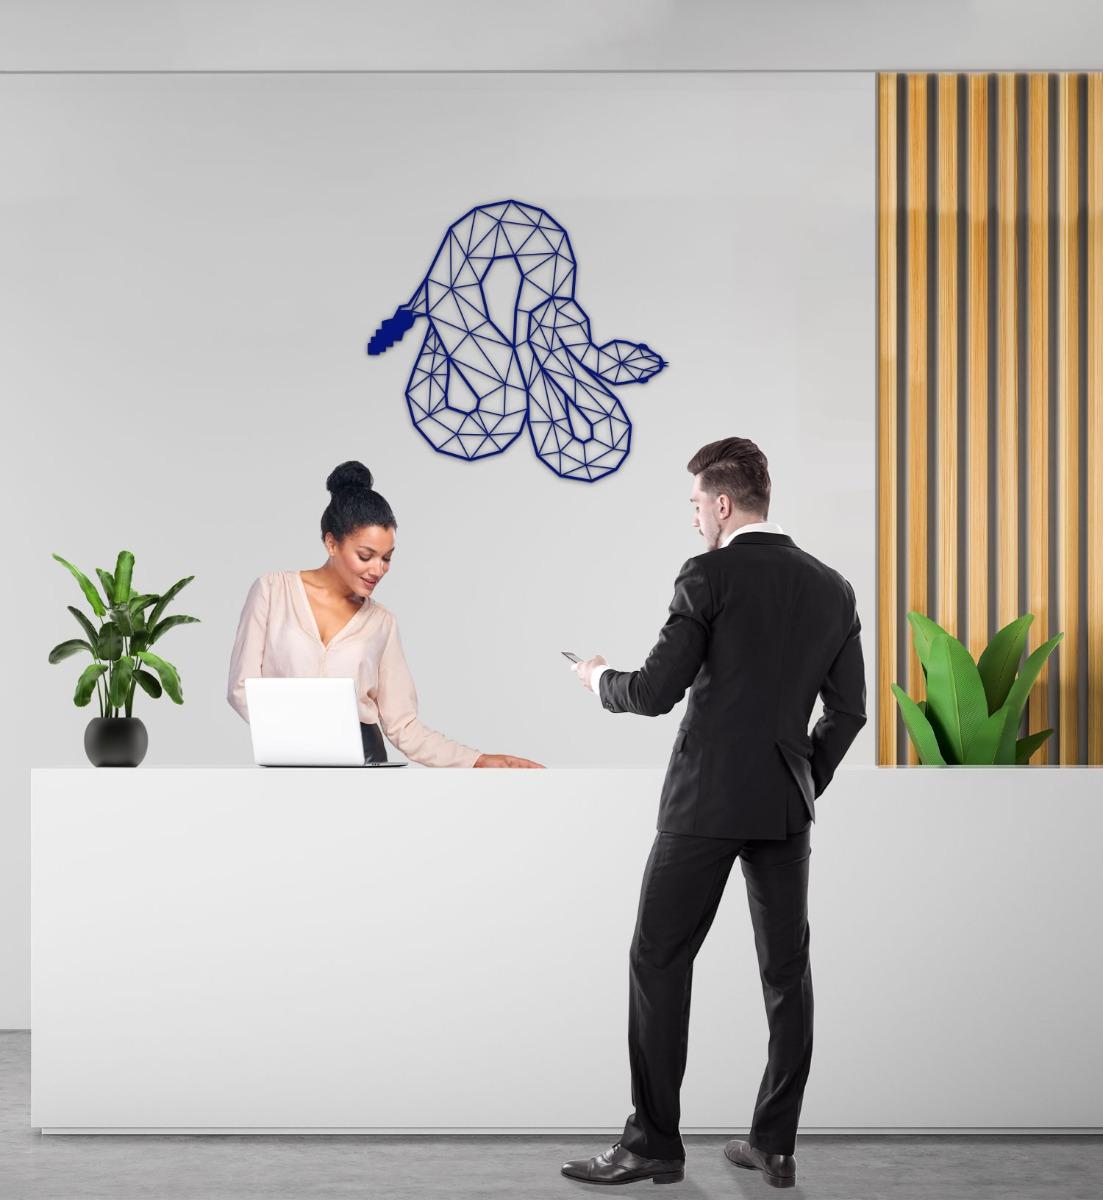 Wall Art Acryl Polygon Snake